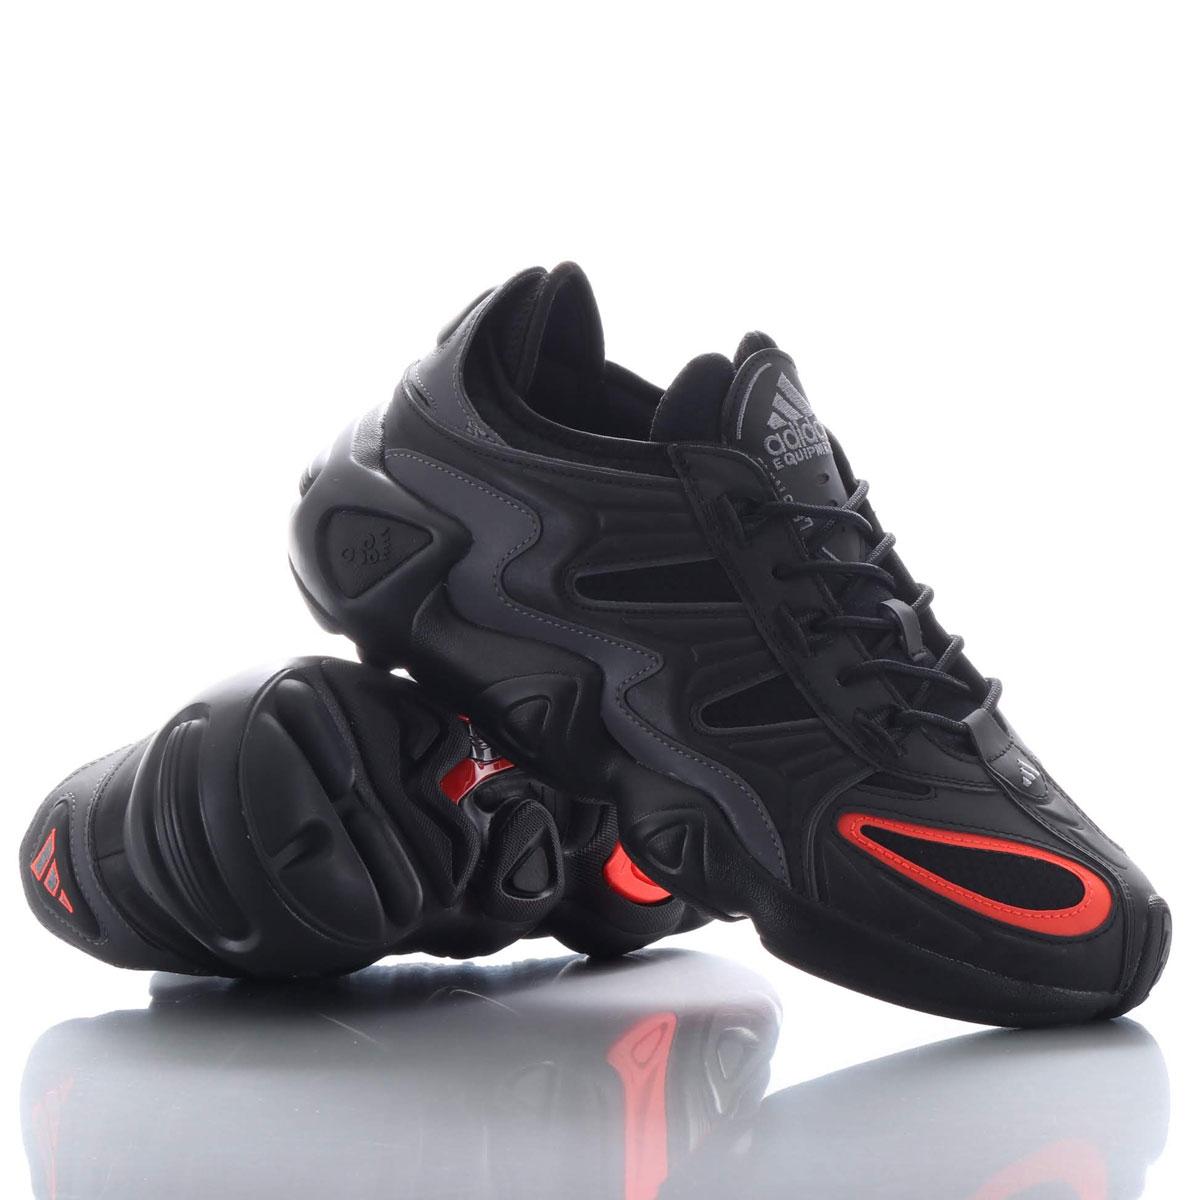 adidas Originals FYW S-97(アディダスオリジナルス フィーツーウェア S-97)CORE BLACK/CORE BLACK/SOLAR RED【メンズ レディース スニーカー】19FW-I